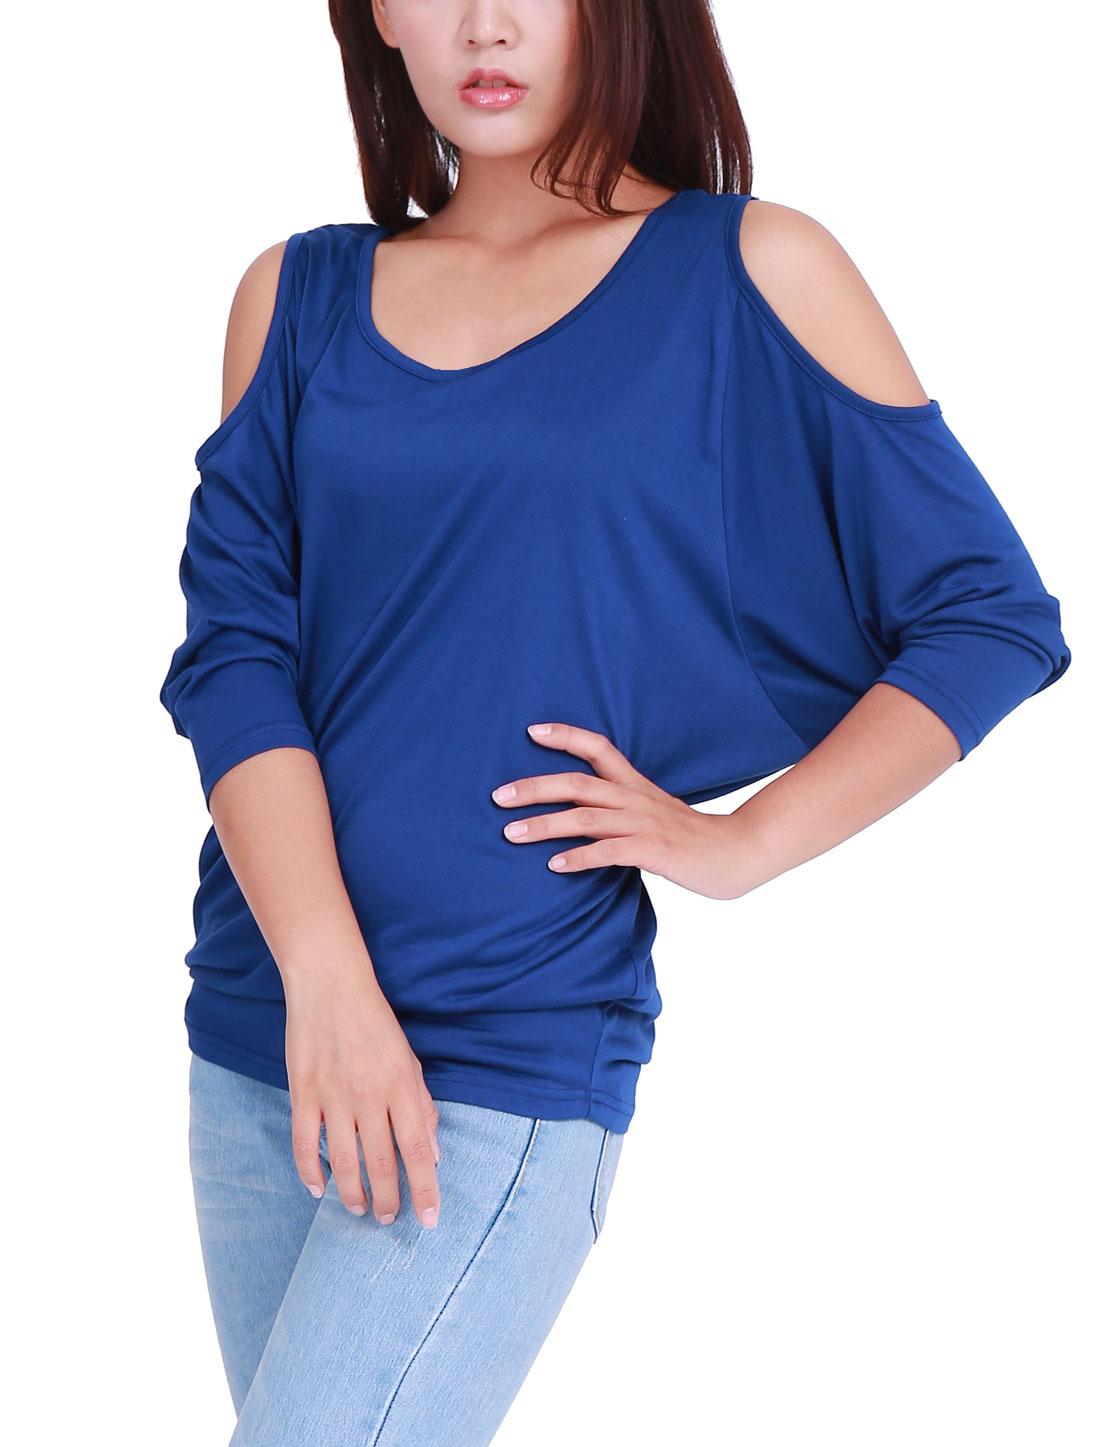 Women Cut Out Shoulder Design Scoop Neck Royal Blue Top Shirt 1X